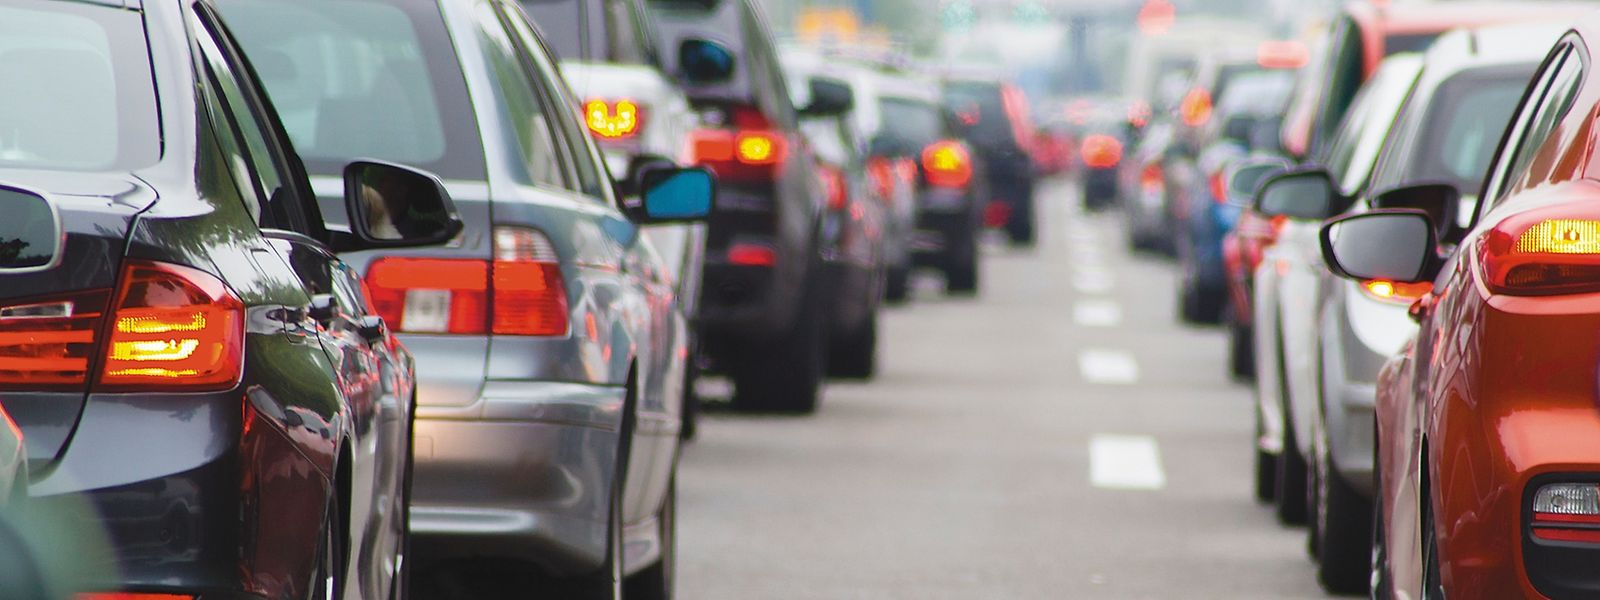 Jeden Tag werden - laut offiziellen Zählungen - 250.000 leere Autositze über die Straßen kutschiert. Mit Fahrgemeinschaften soll es besser werden.